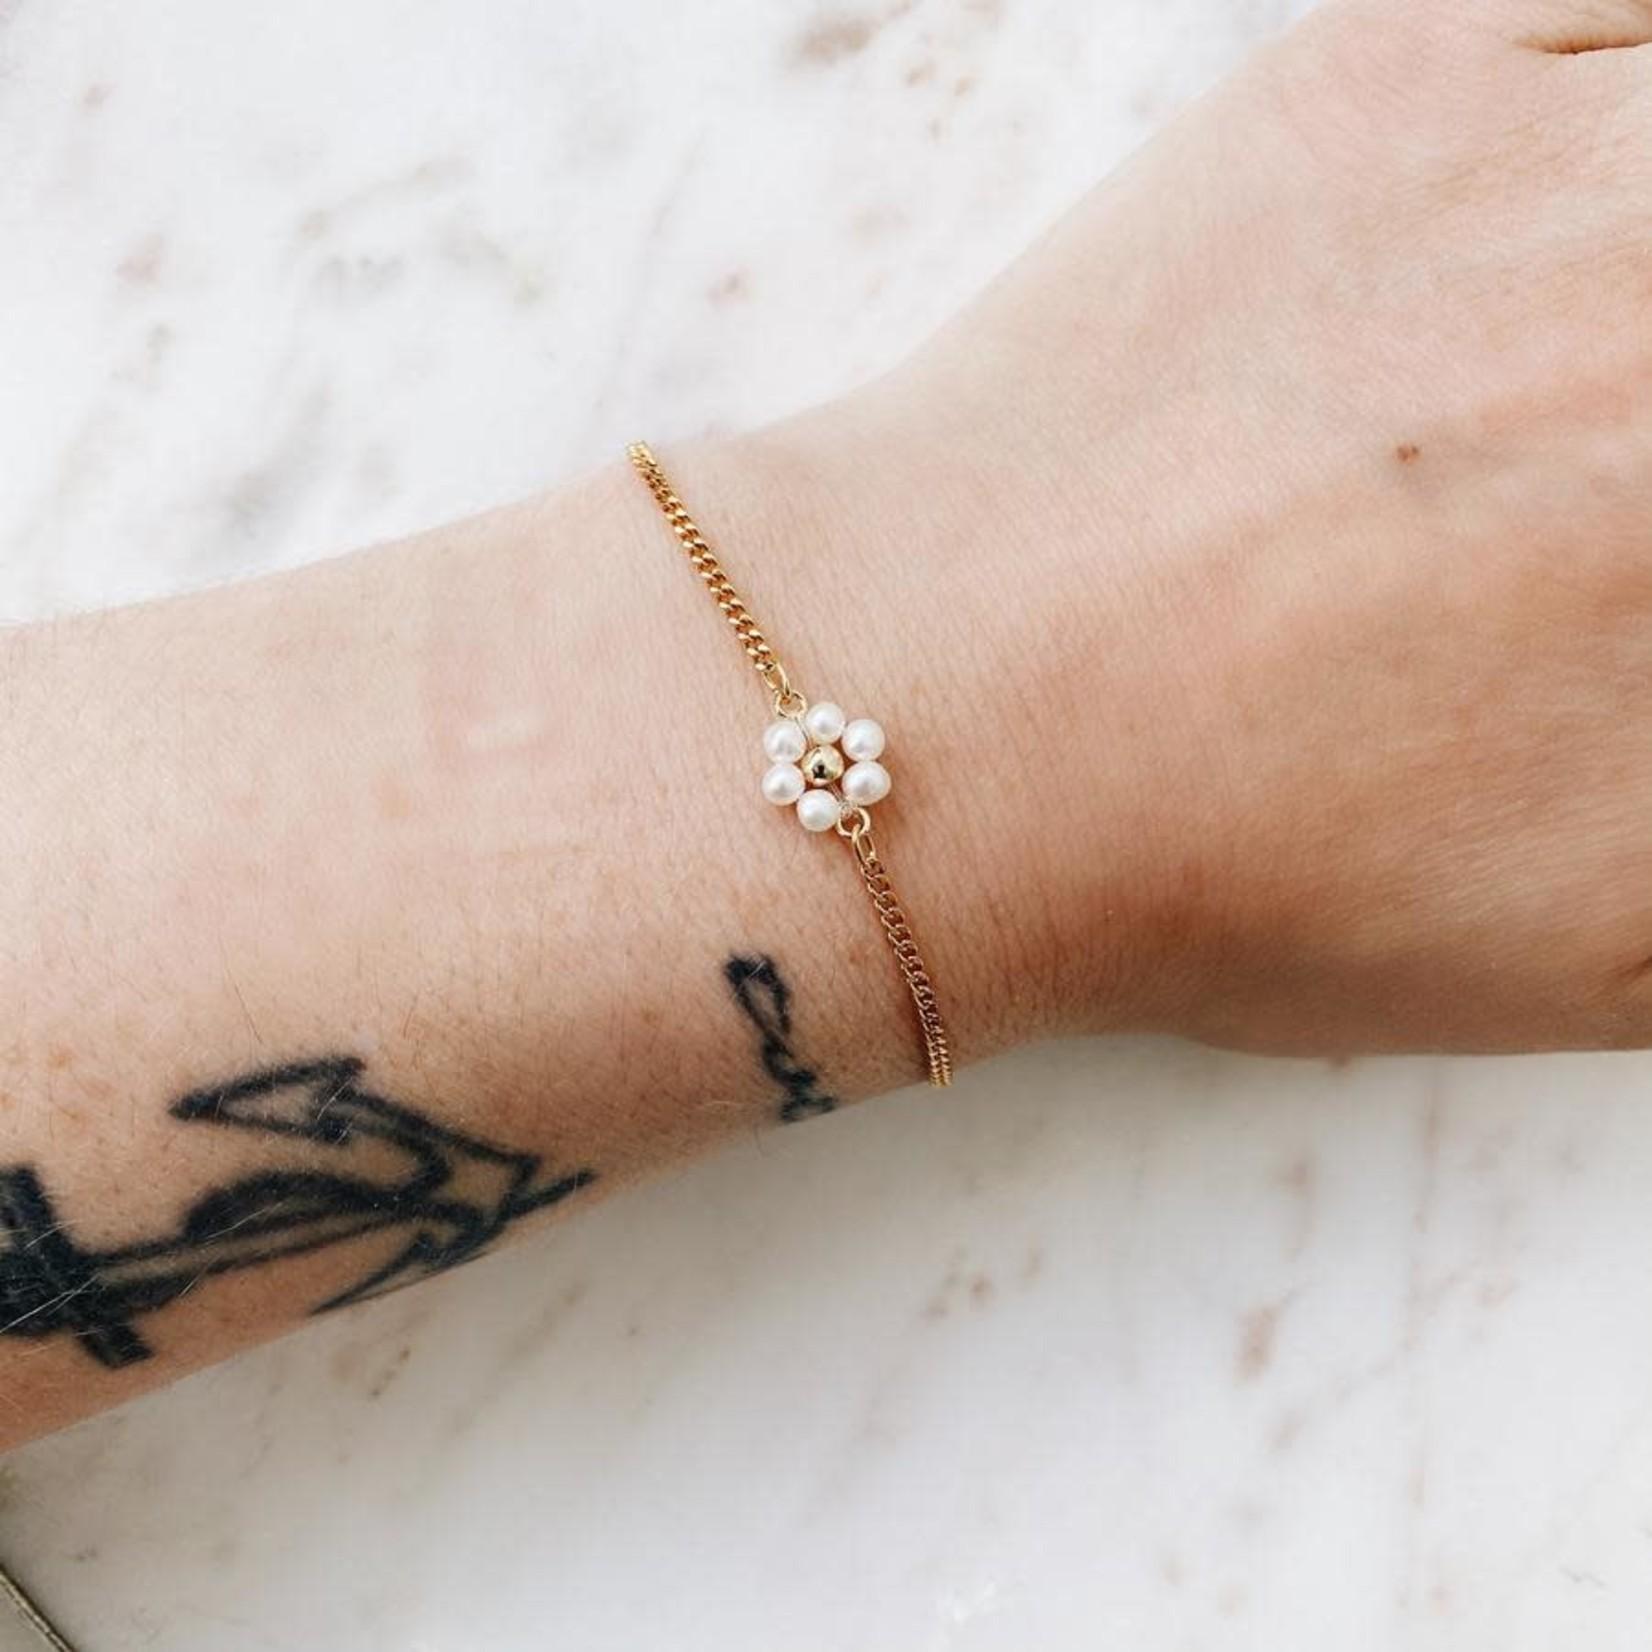 Horace Jewelry Horace bracelet ENZO